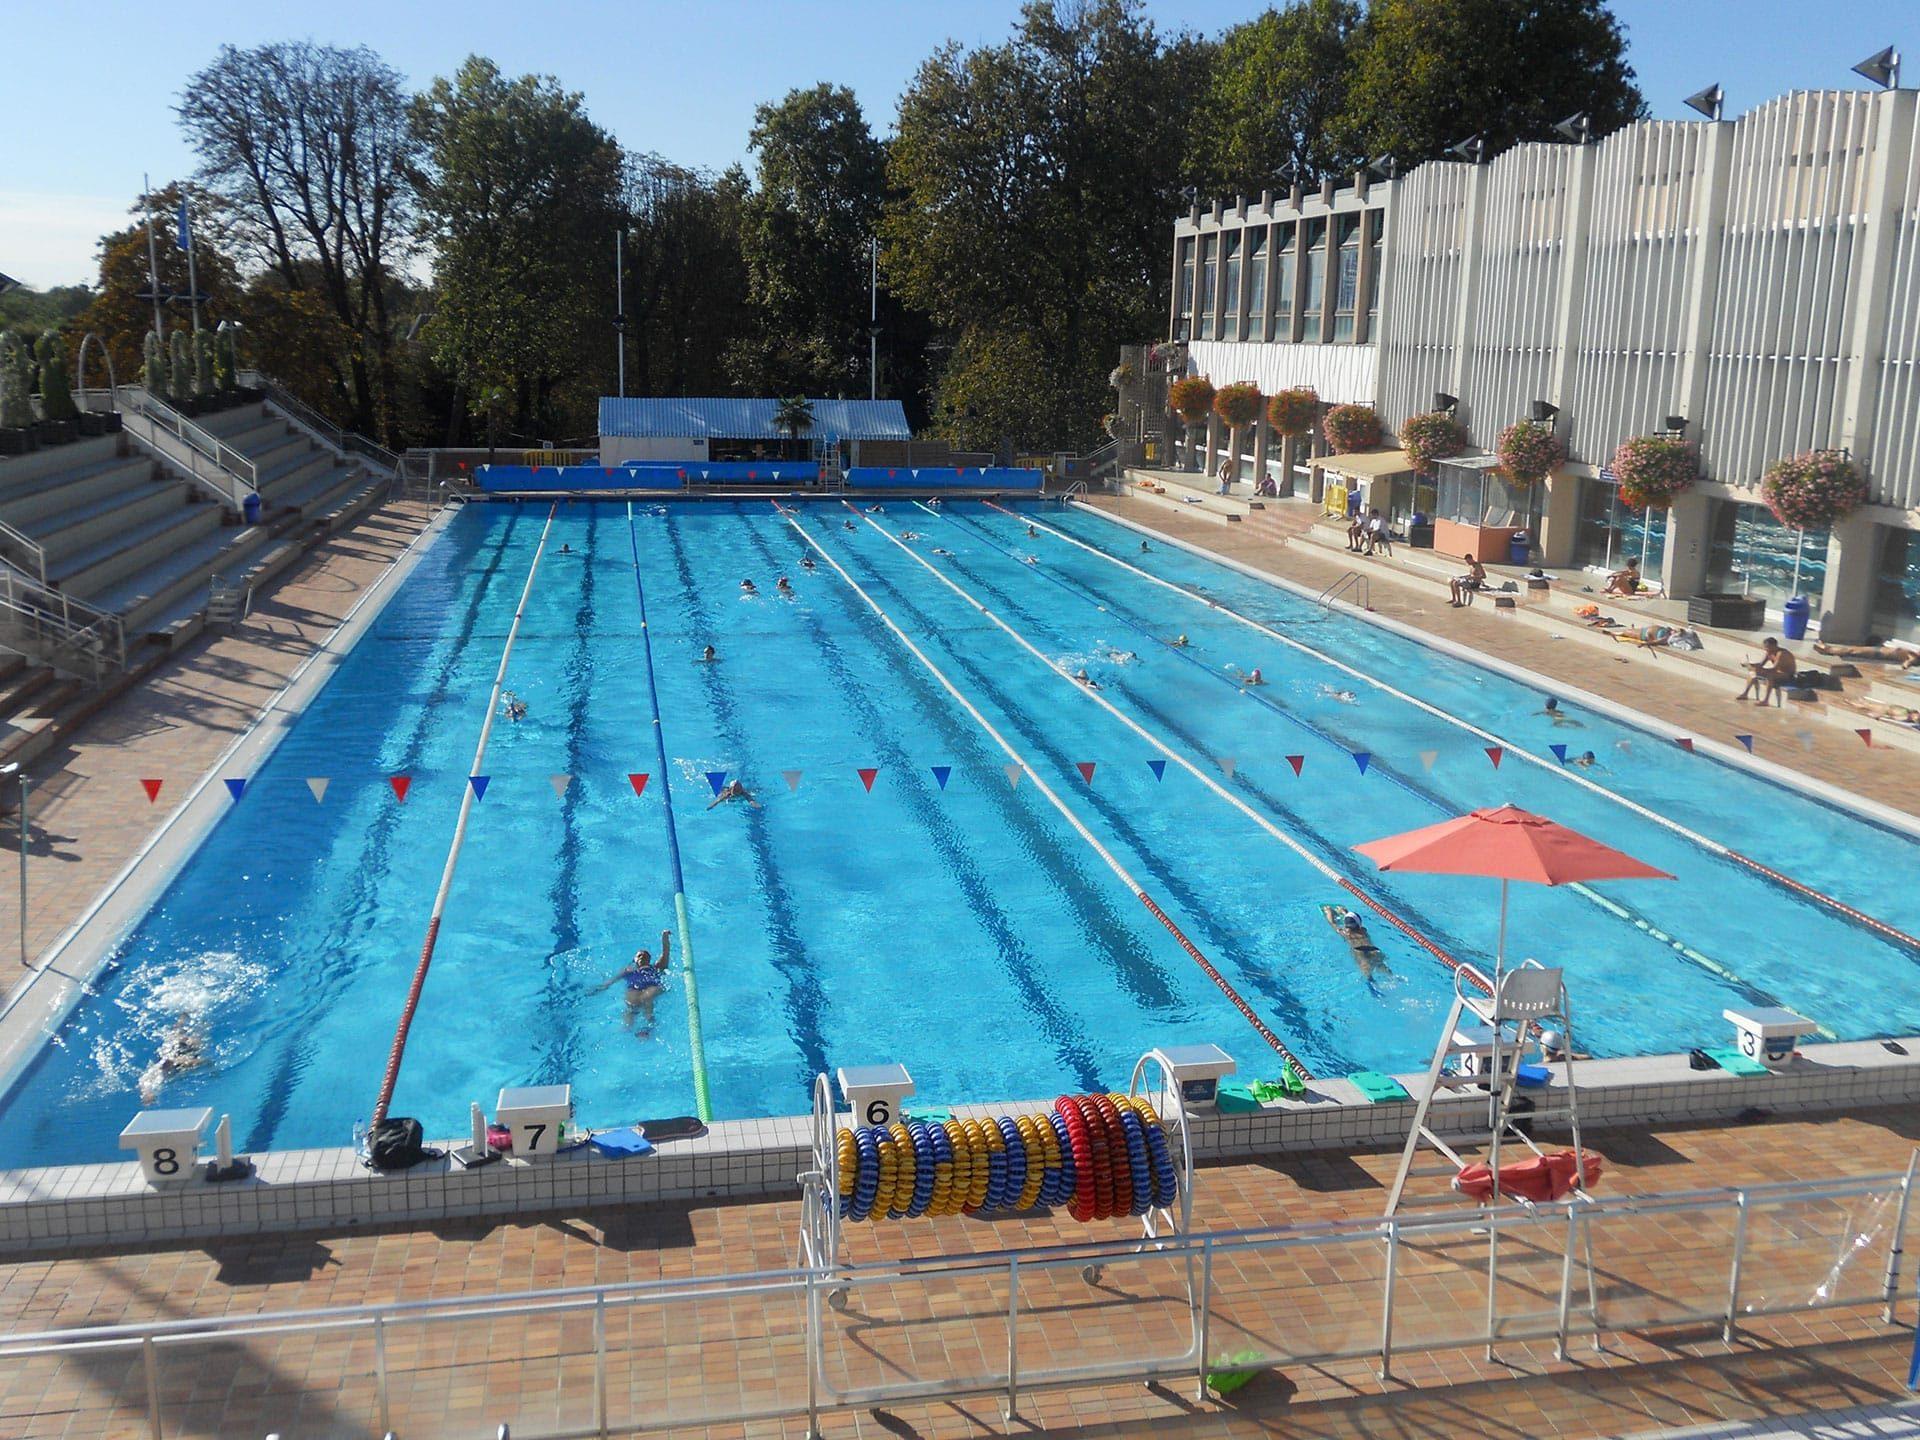 Piscine De Nogent Sur Marne : Bassin Olympique Et Intérieur pour Dimension Piscine Olympique